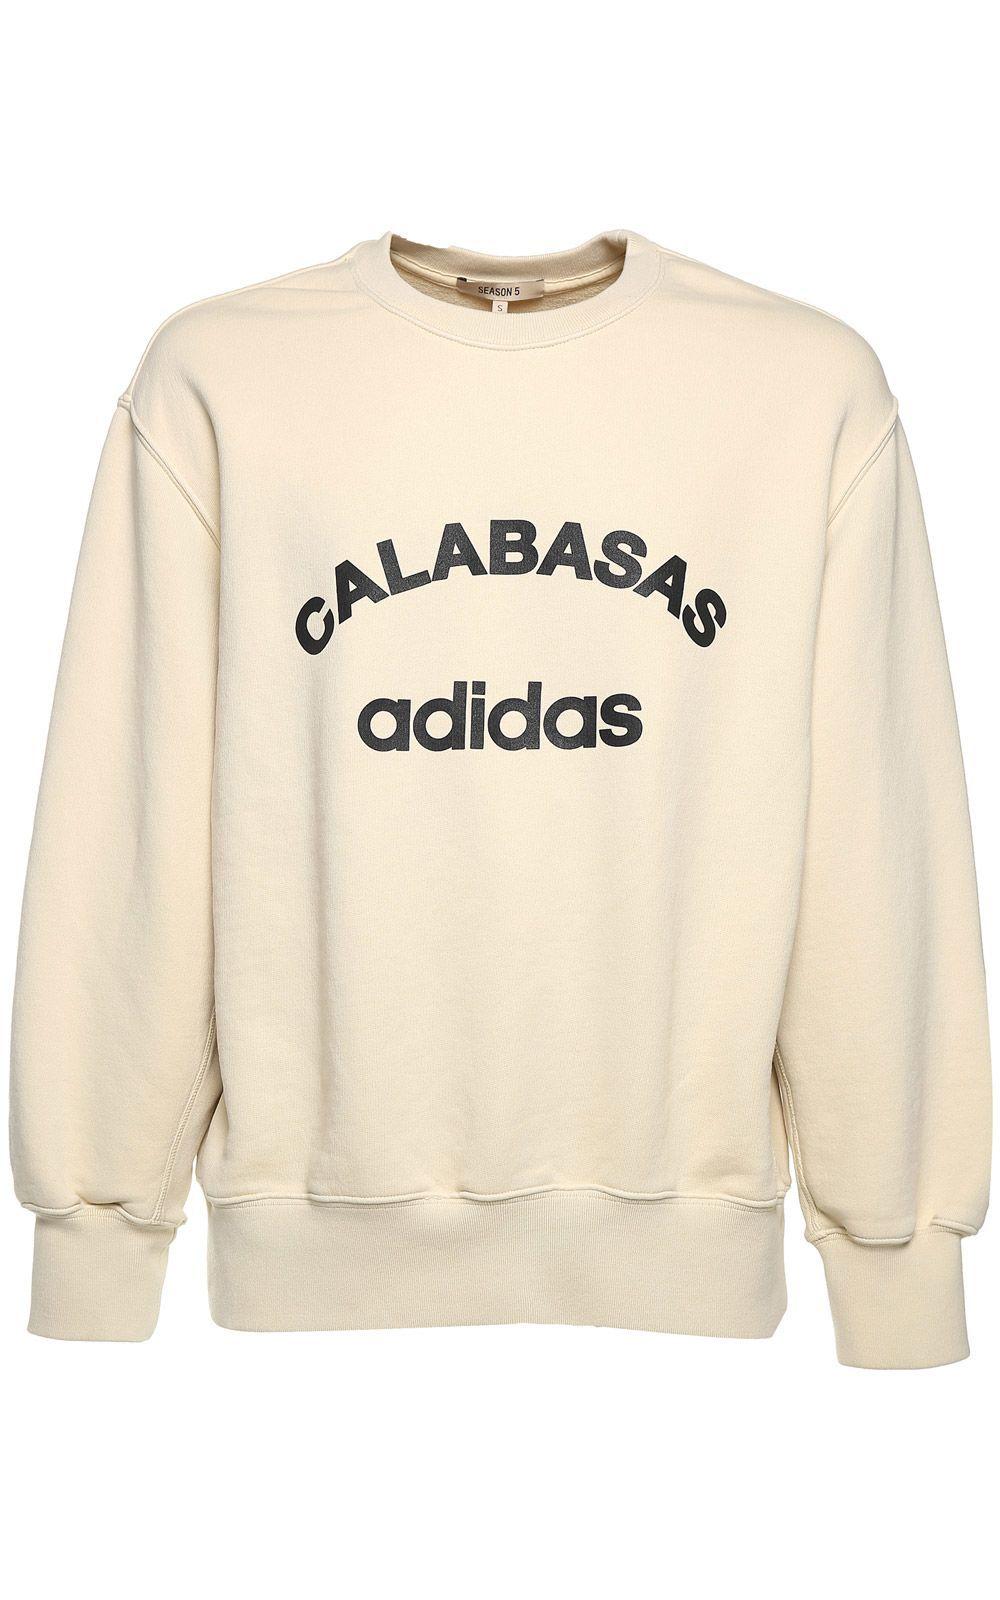 Yeezy Calabasas Cotton Jersey Sweatshirt Season 5 In Jupiter Modesens [ 1600 x 1000 Pixel ]